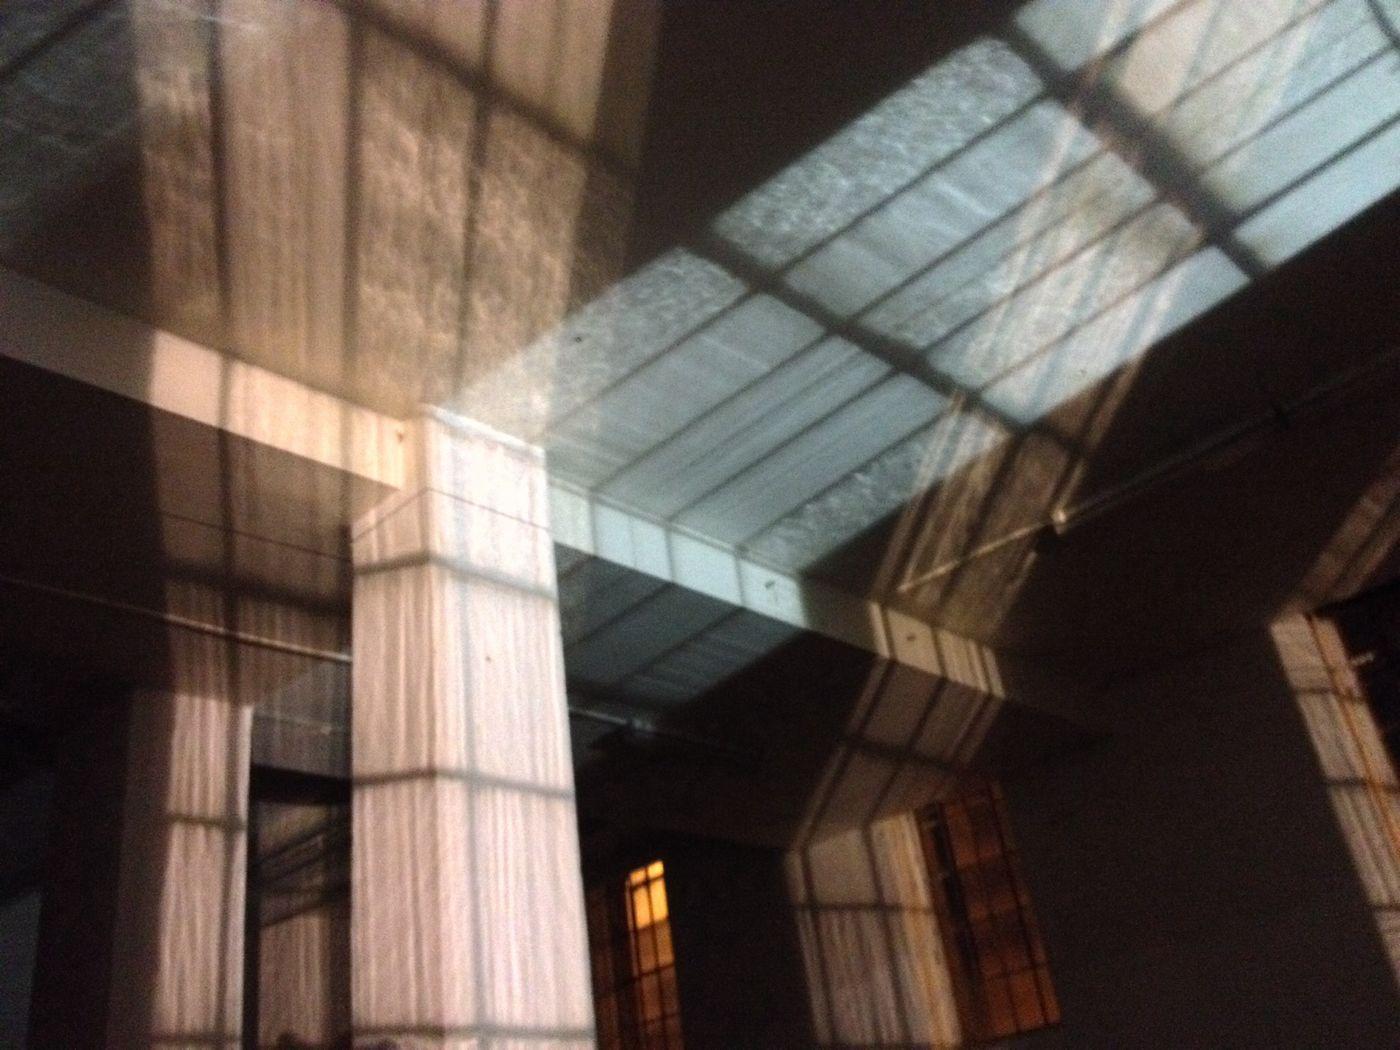 Lights Industrial Window